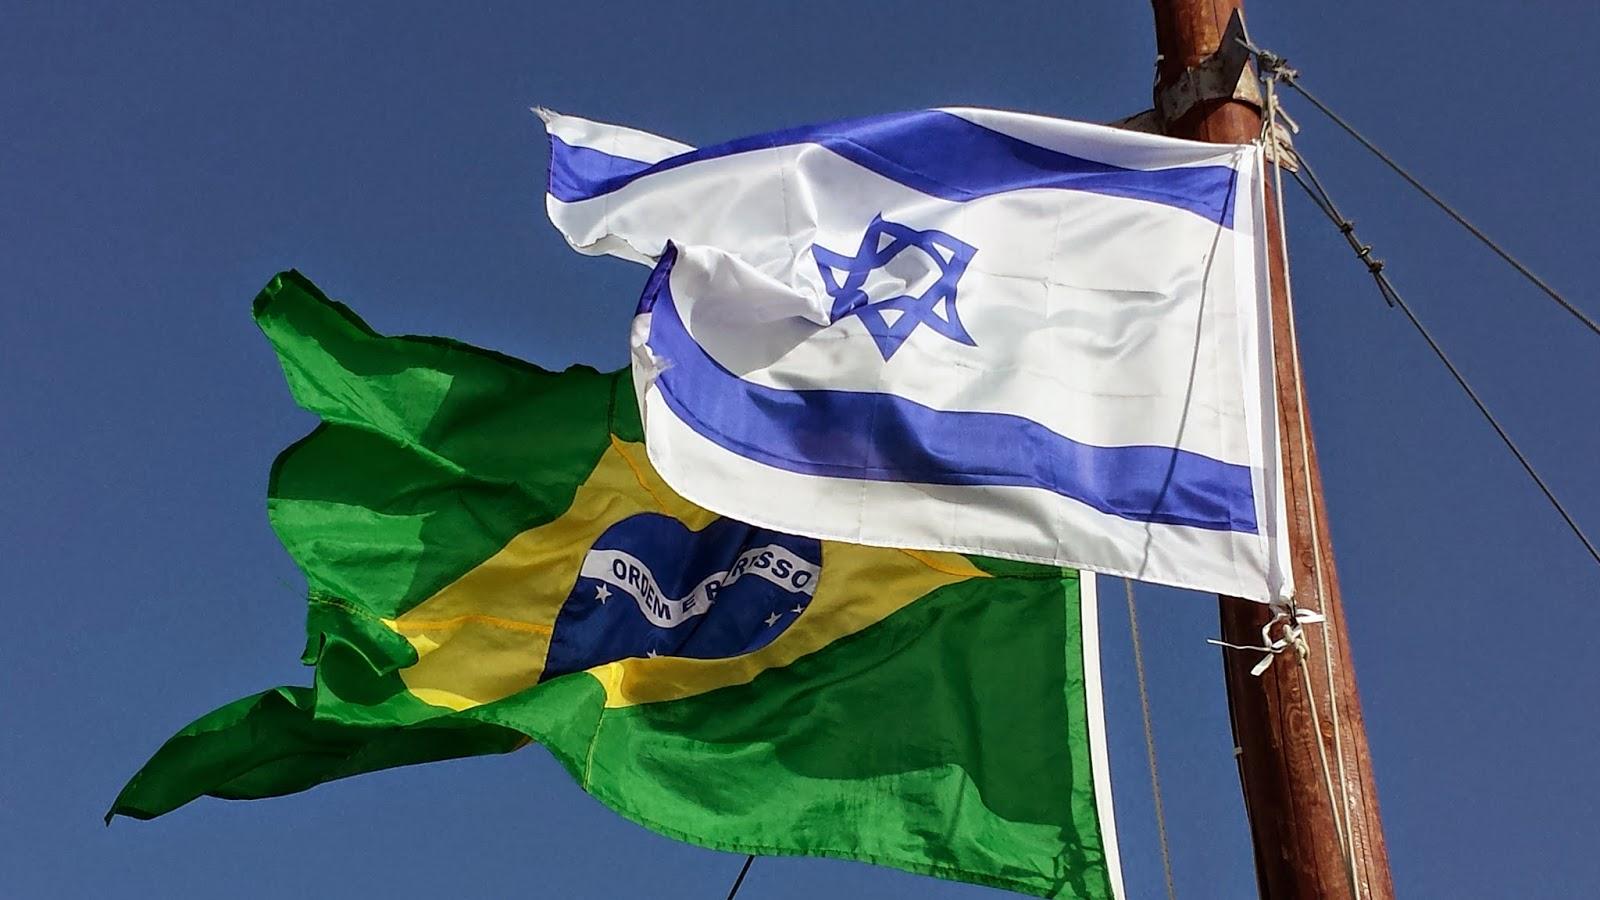 Resultado de imagem para bandeira brasil israel barco galileia